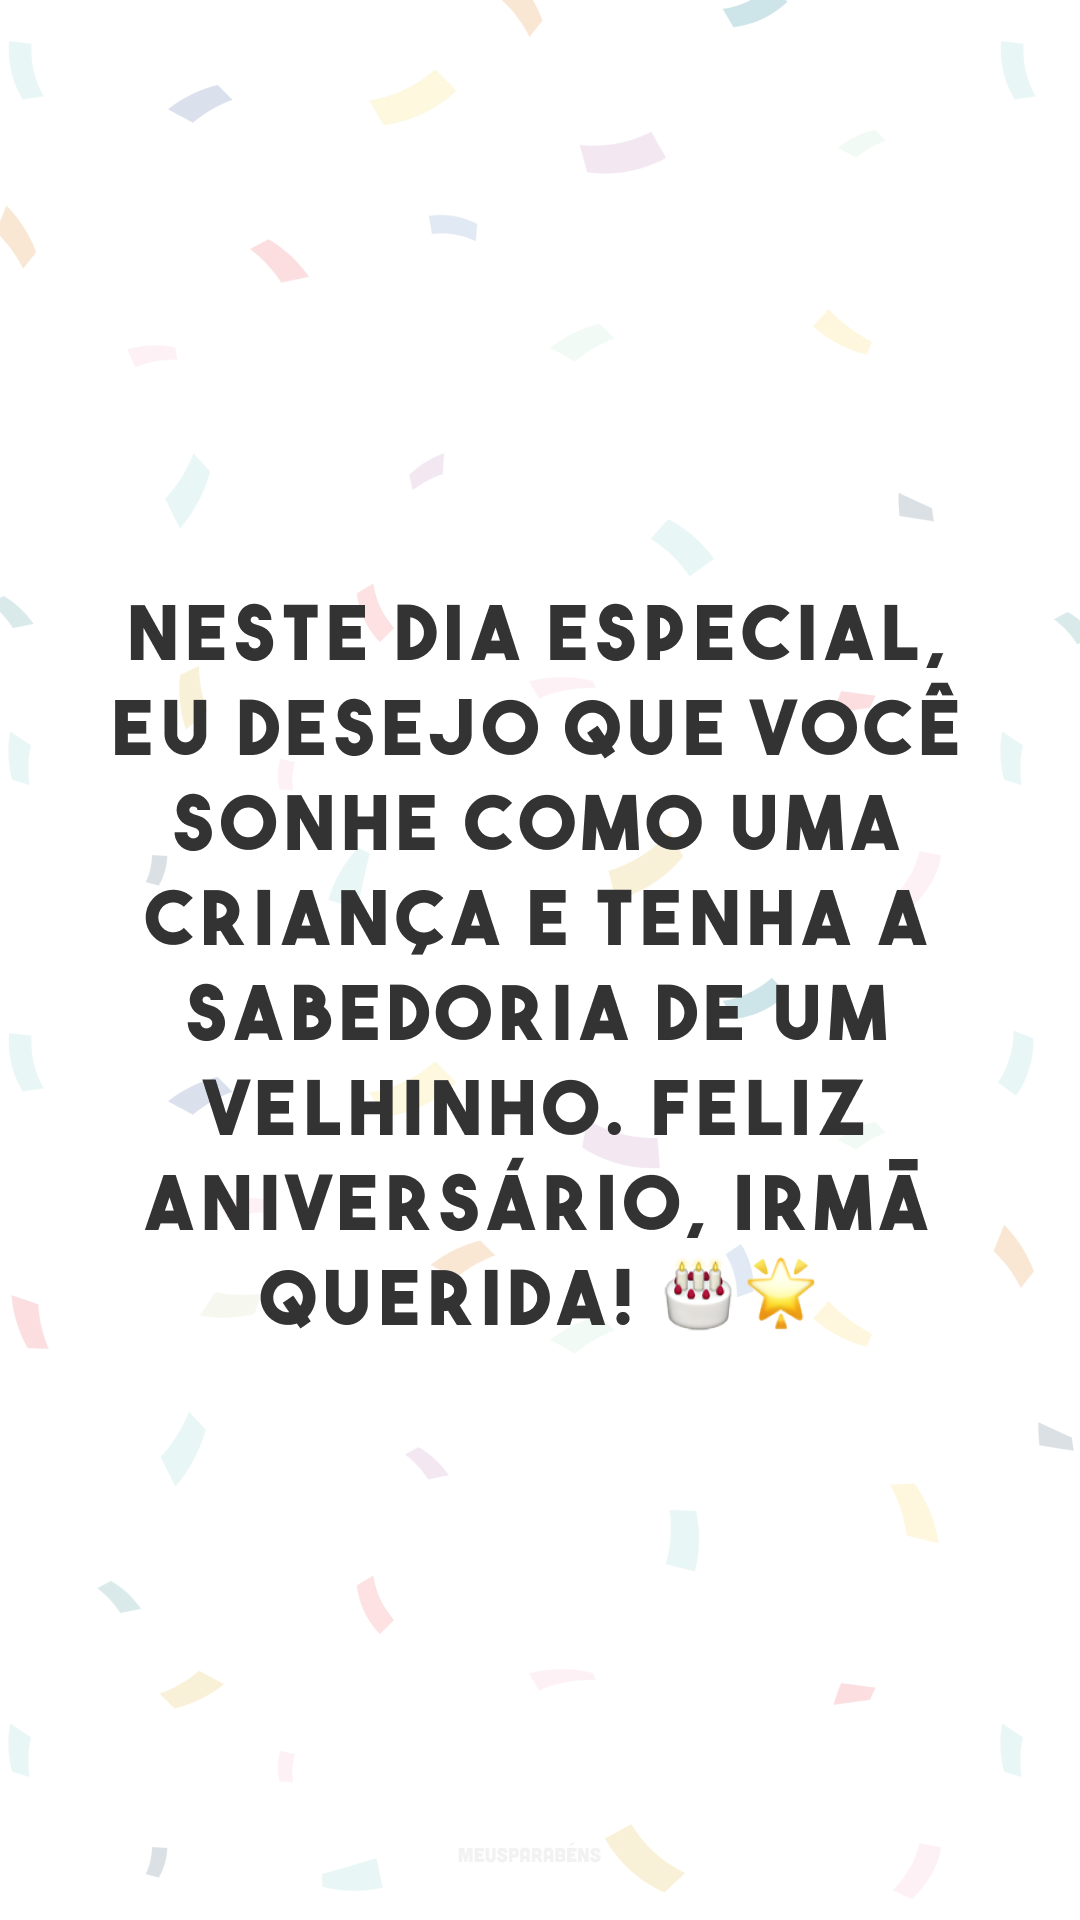 Neste dia especial, eu desejo que você sonhe como uma criança e tenha a sabedoria de um velhinho. Feliz aniversário, irmã querida! ??